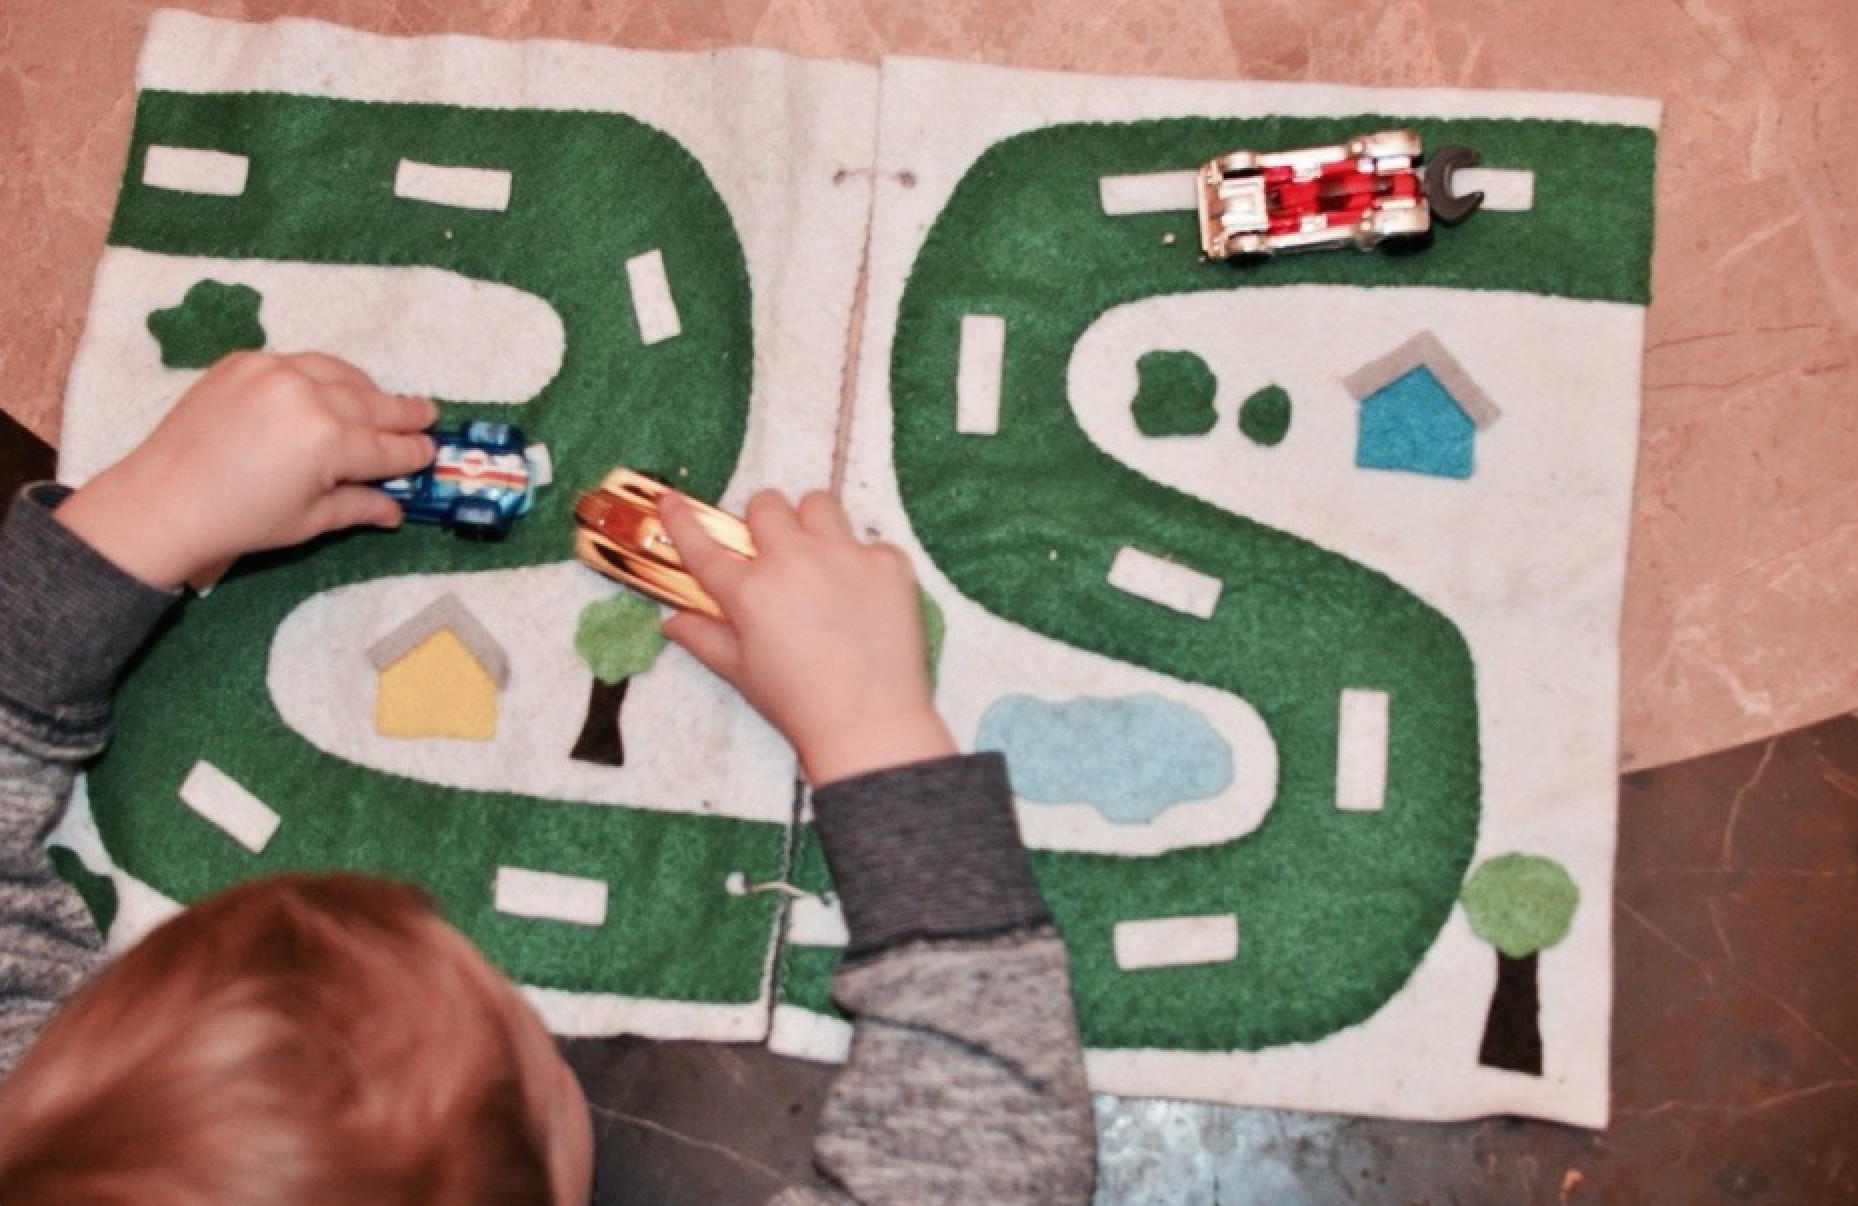 Idée De Jeux : Une Piste De Course Parfaite Pour Voyager concernant Jeux De Course Pour Enfants